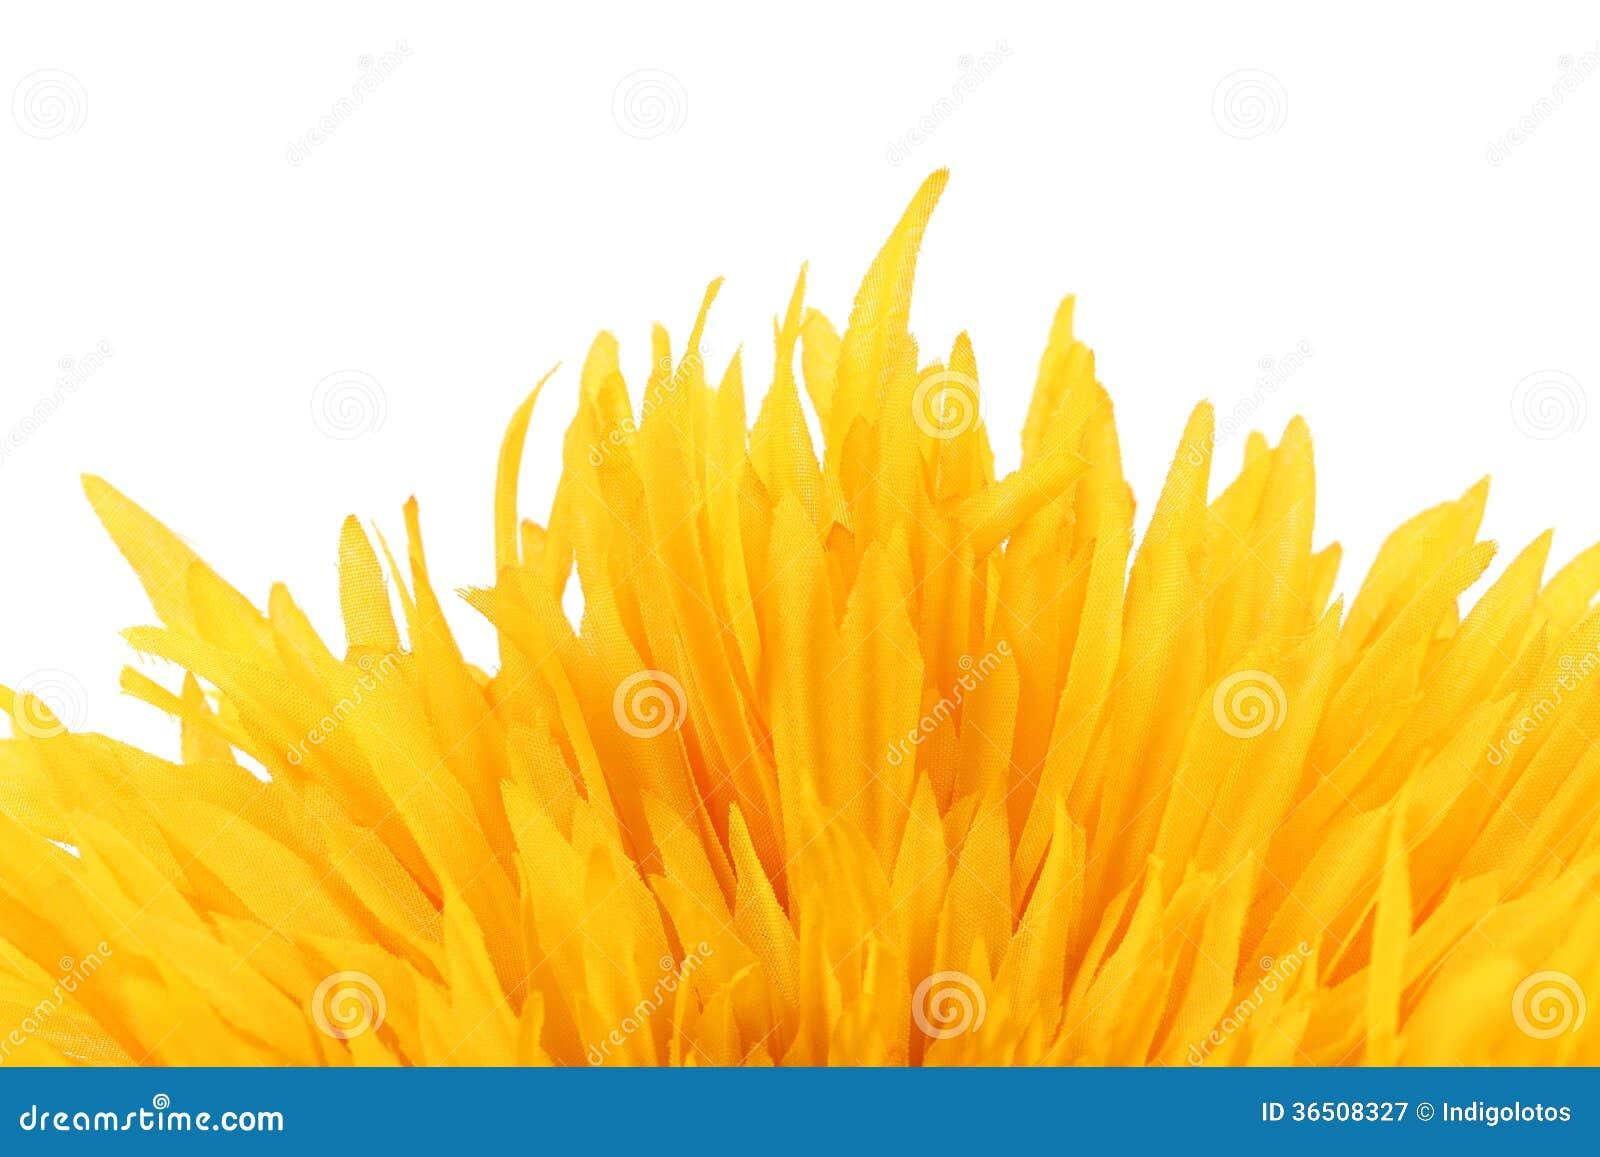 Fermez-vous des pétales jaunes de fleur.